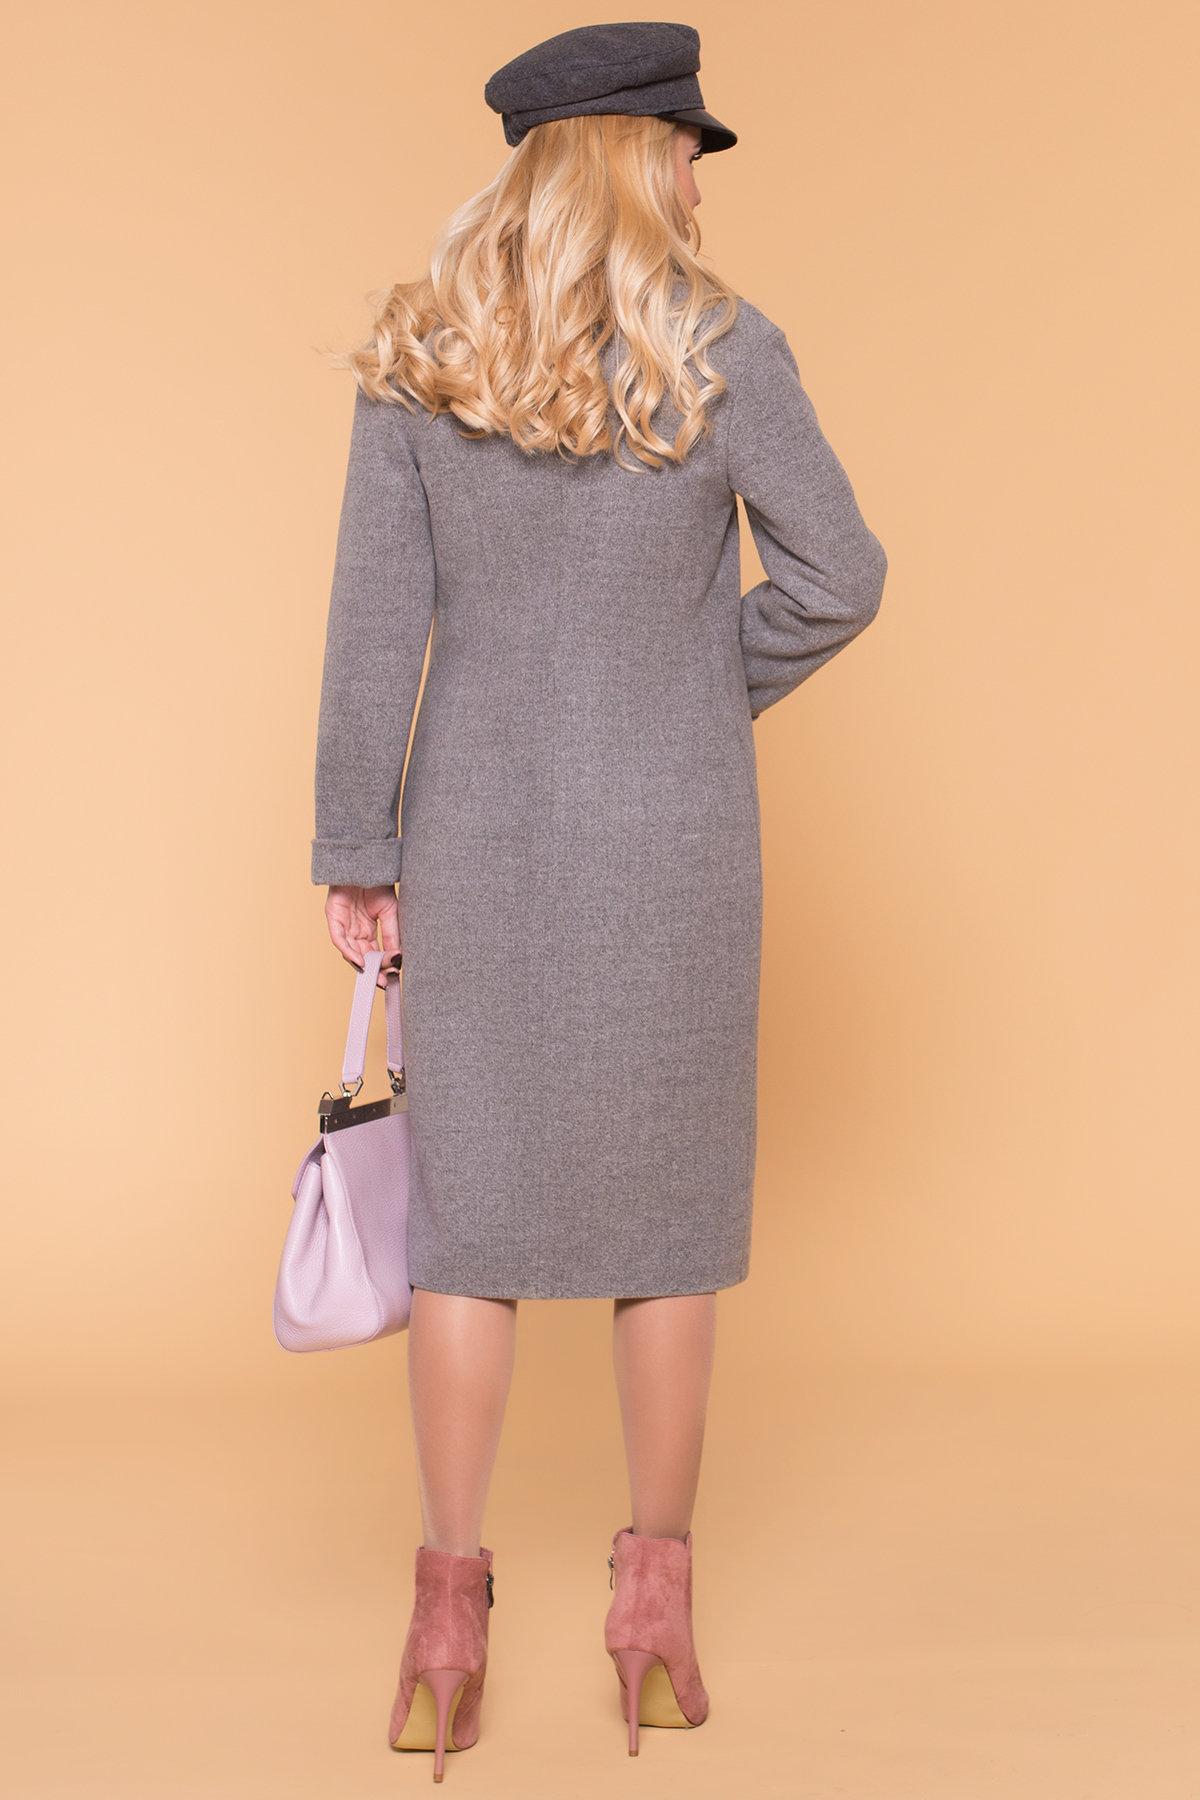 Пальто зима Богема 5707 АРТ. 38004 Цвет: Серый 18 - фото 2, интернет магазин tm-modus.ru